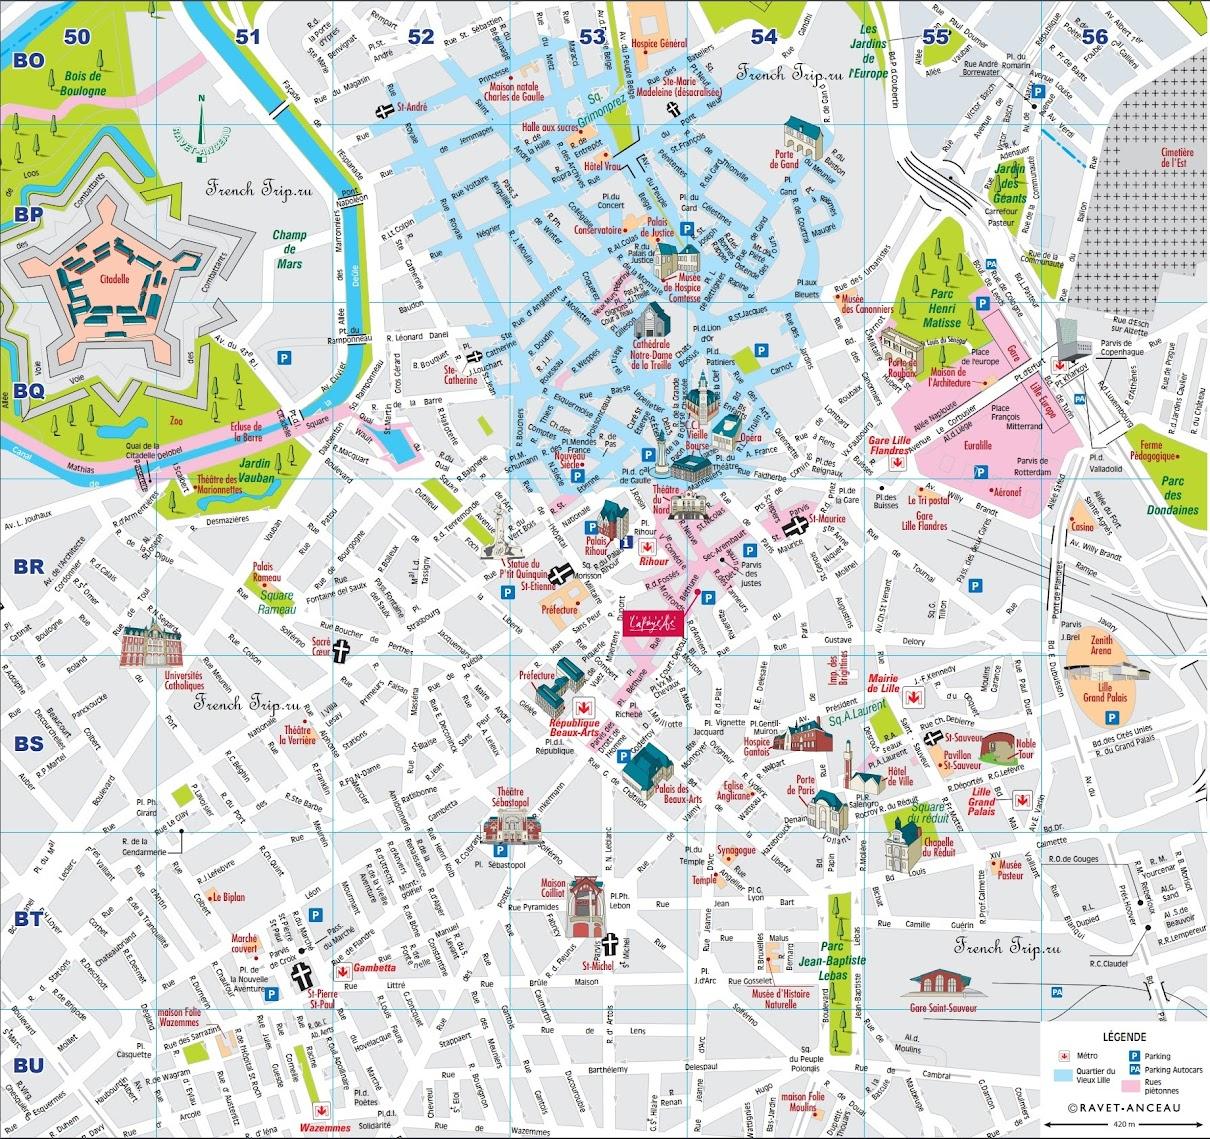 Туристическая карта Лилля с отмеченными достопримечательностями города - Туристическая карта Лилля (Lille) с отмеченными достопримечательностями. Что посмотреть в Лилле, путеводитель по городу Лилль, Франция. Города Франции, Франция, самые красивые города Франции, что посмотреть во Франции, северная Франция, Лилль, город Лилль, Лилль Франция, что посмотреть в Лилле, достопримечательности Лилль, путеводитель по городу Лилль